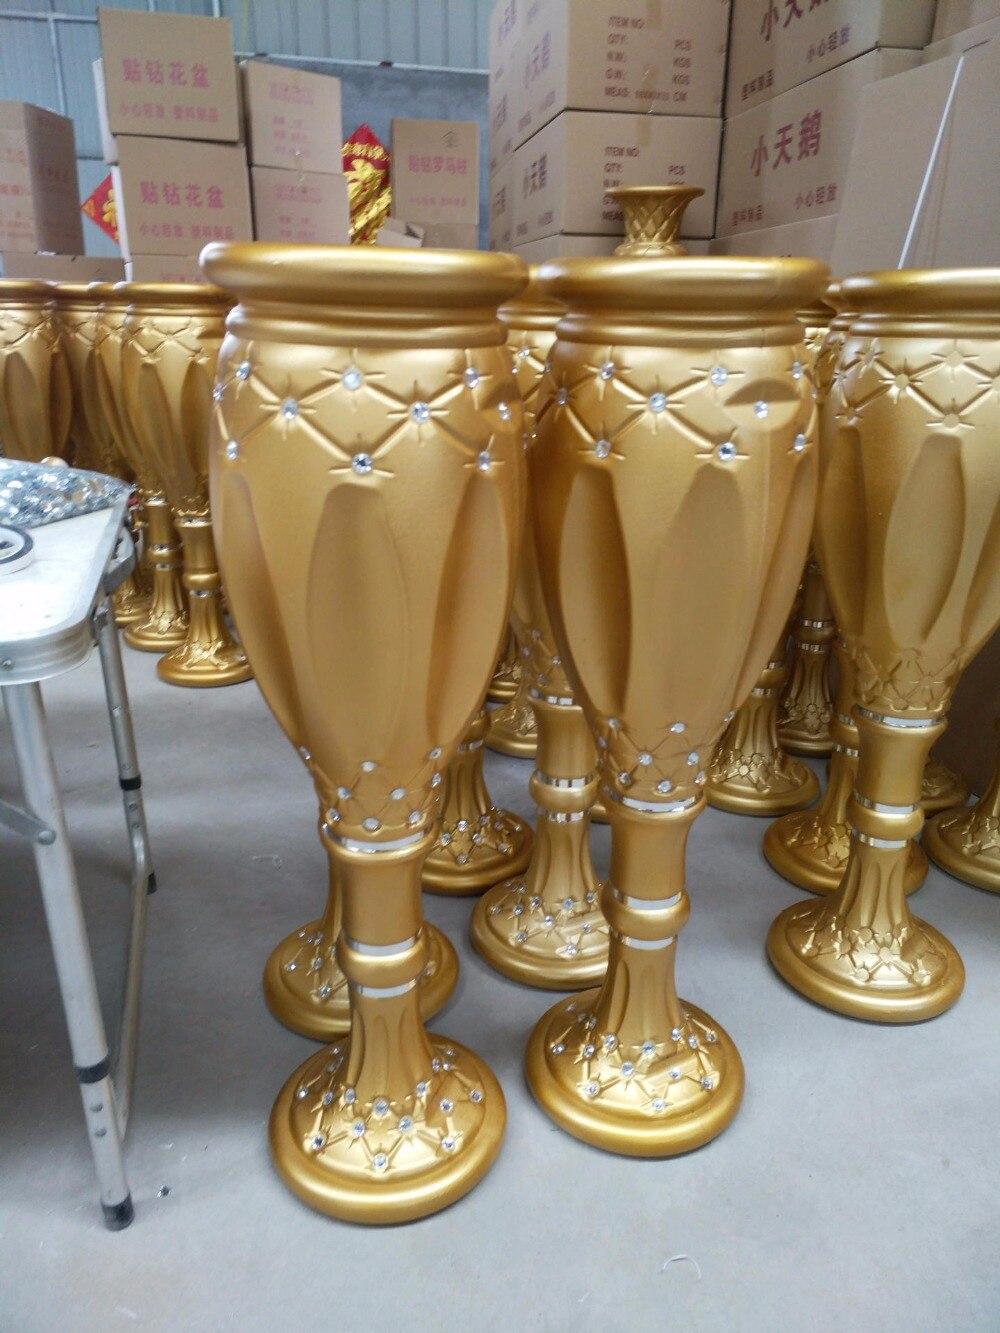 nueva cm de alto romana pilares carretera macetas macetas de plstico de color oro accesorios de la boda decoracin de evento